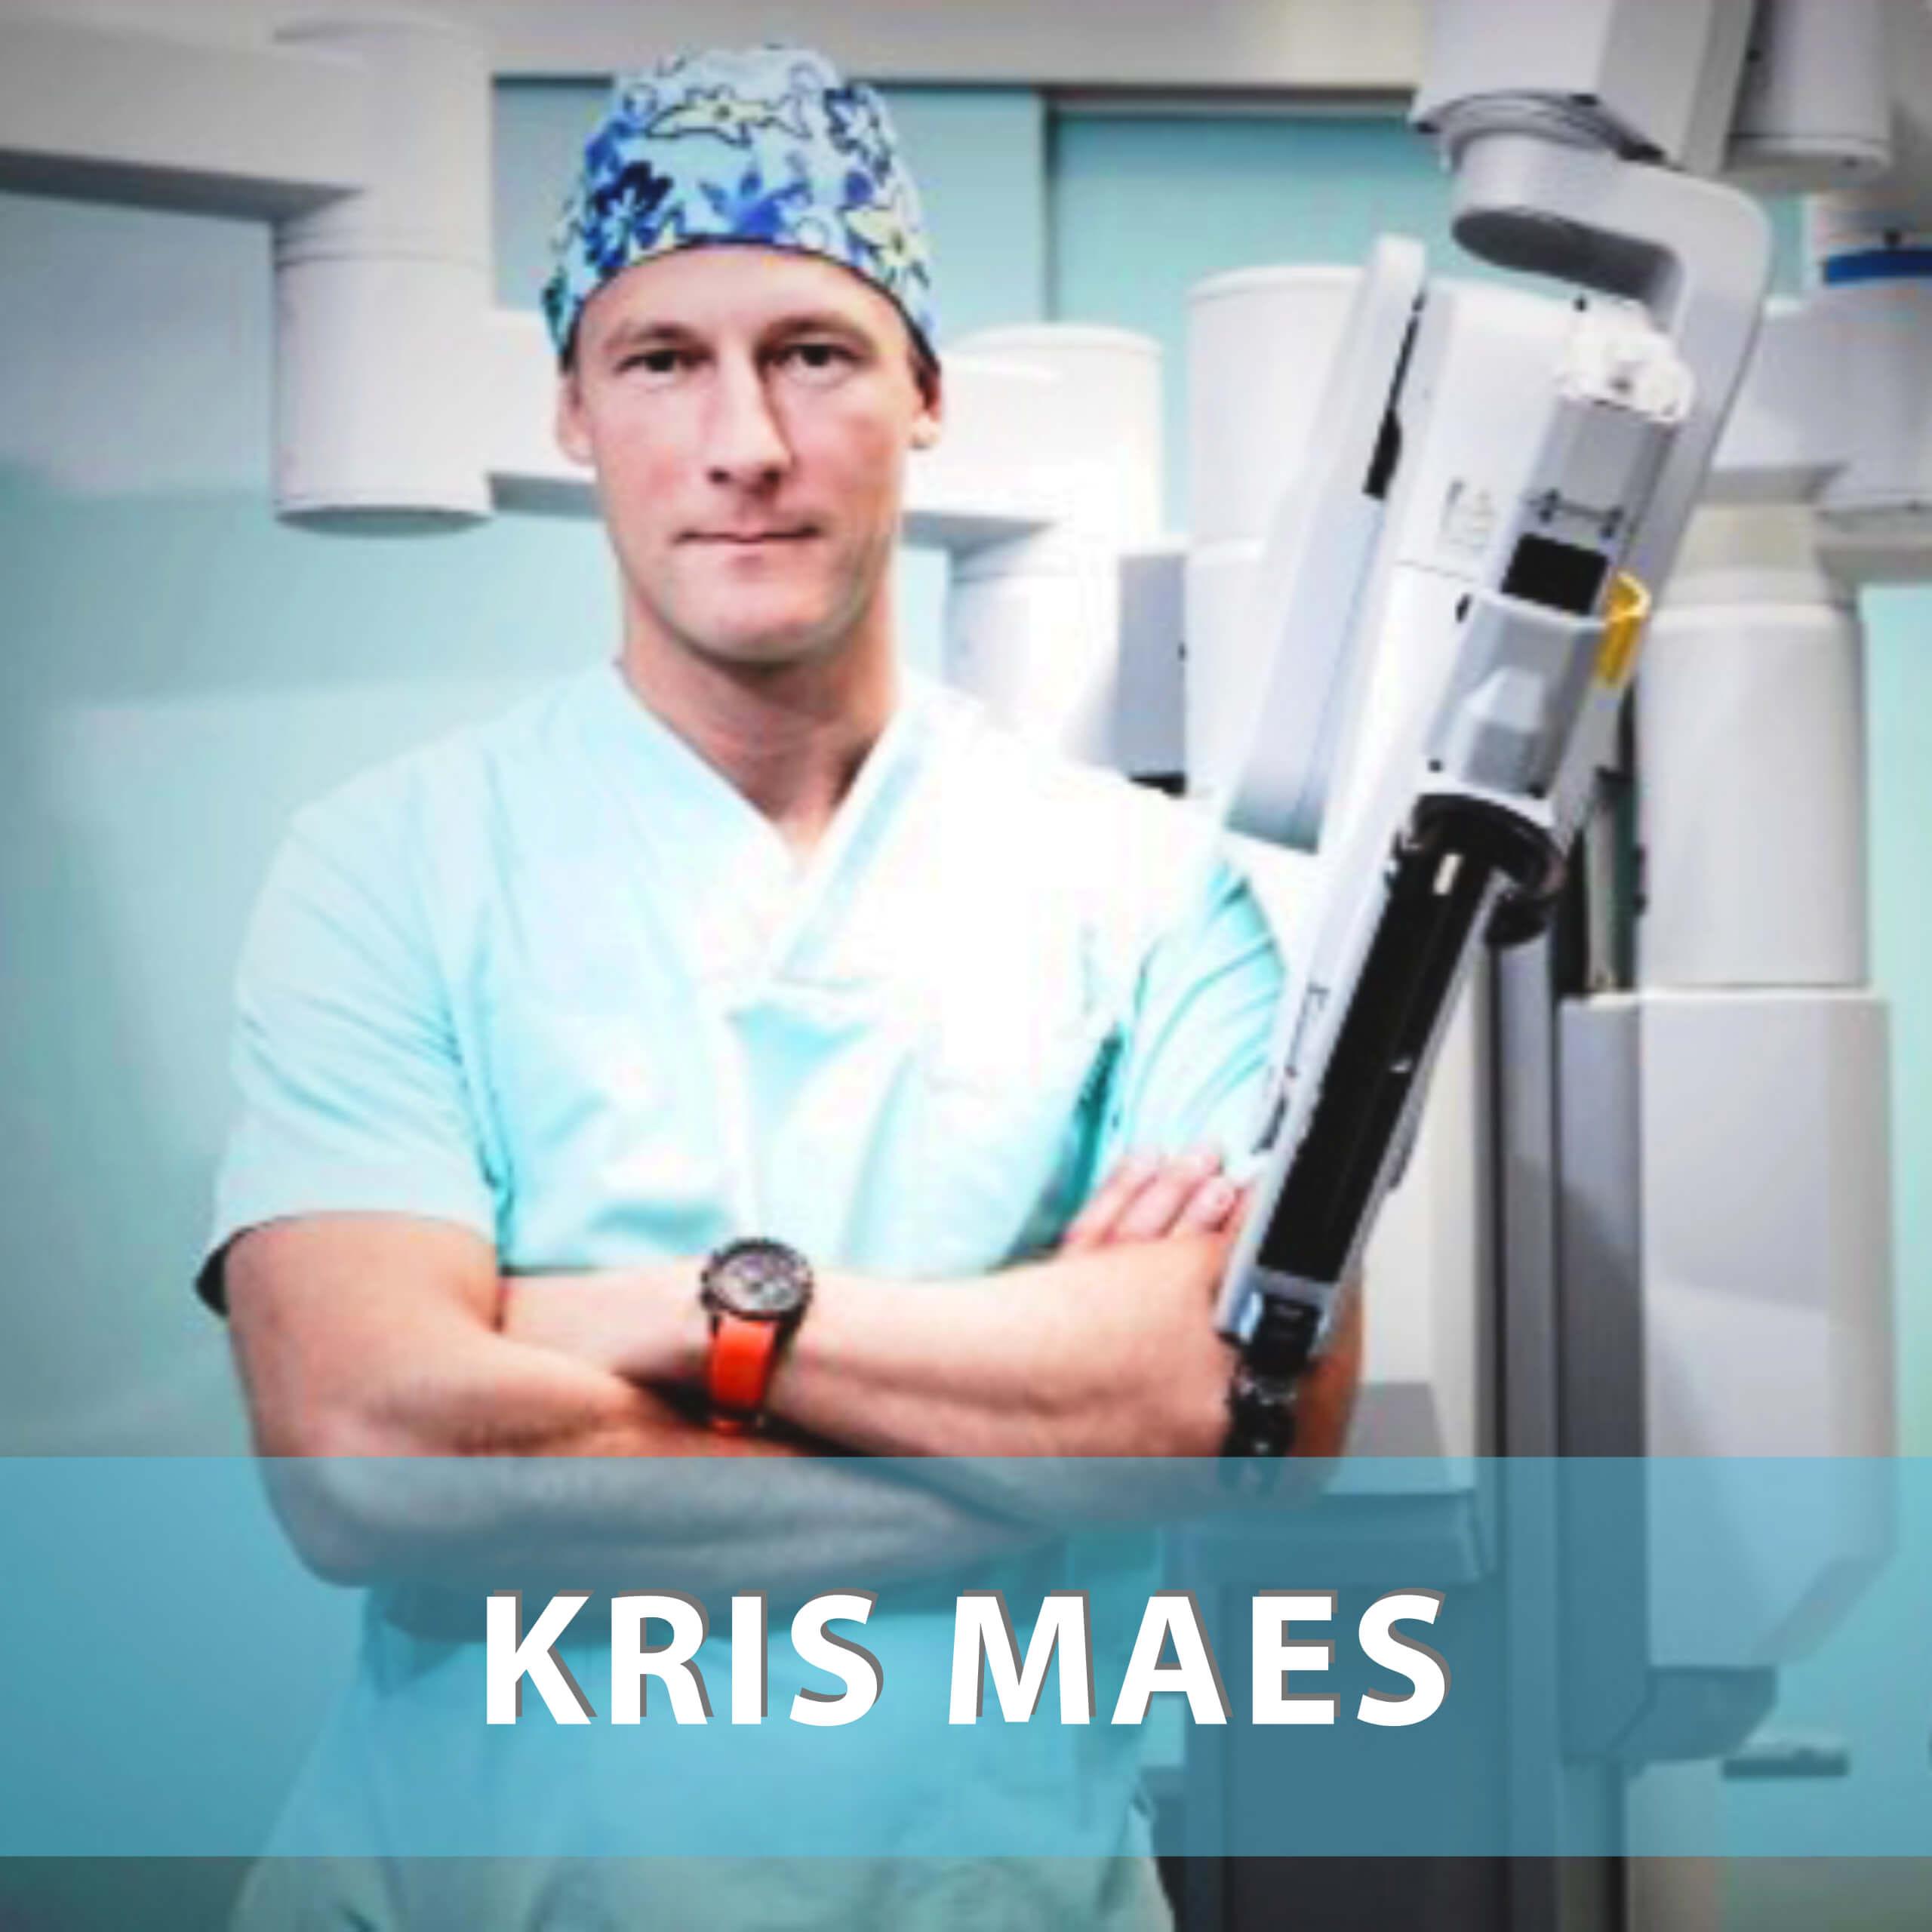 Kris Maes